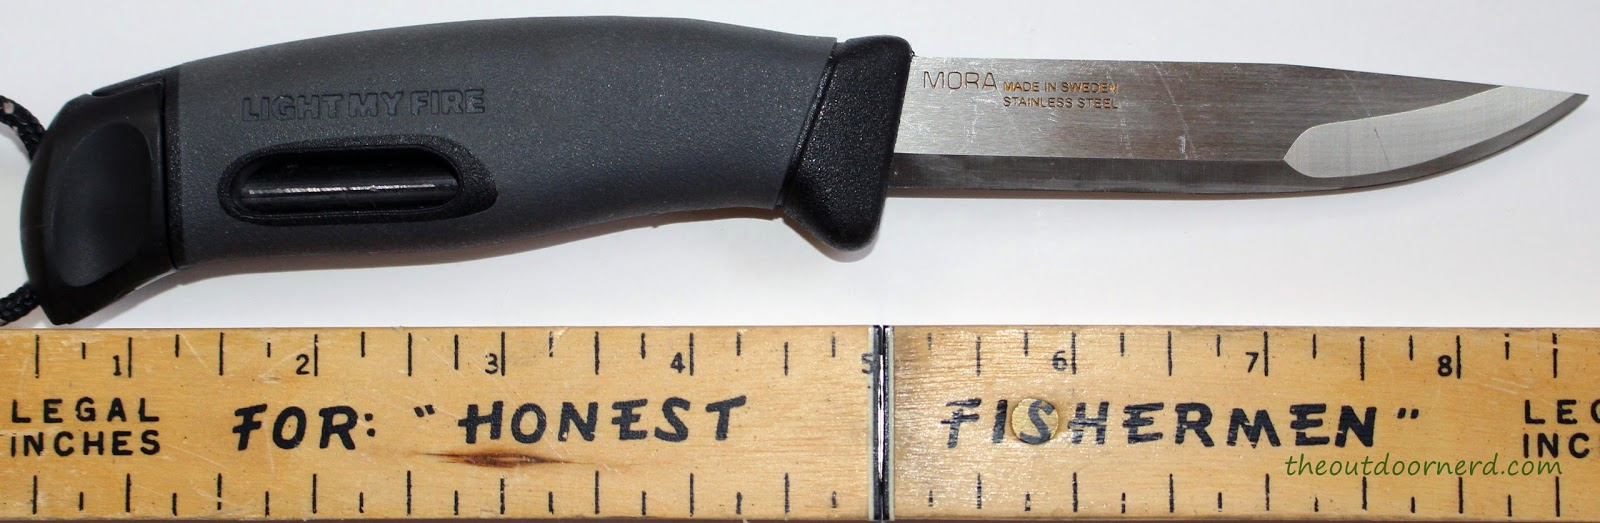 Light My Fire Swedish FireKnife: Shown Next To Ruler